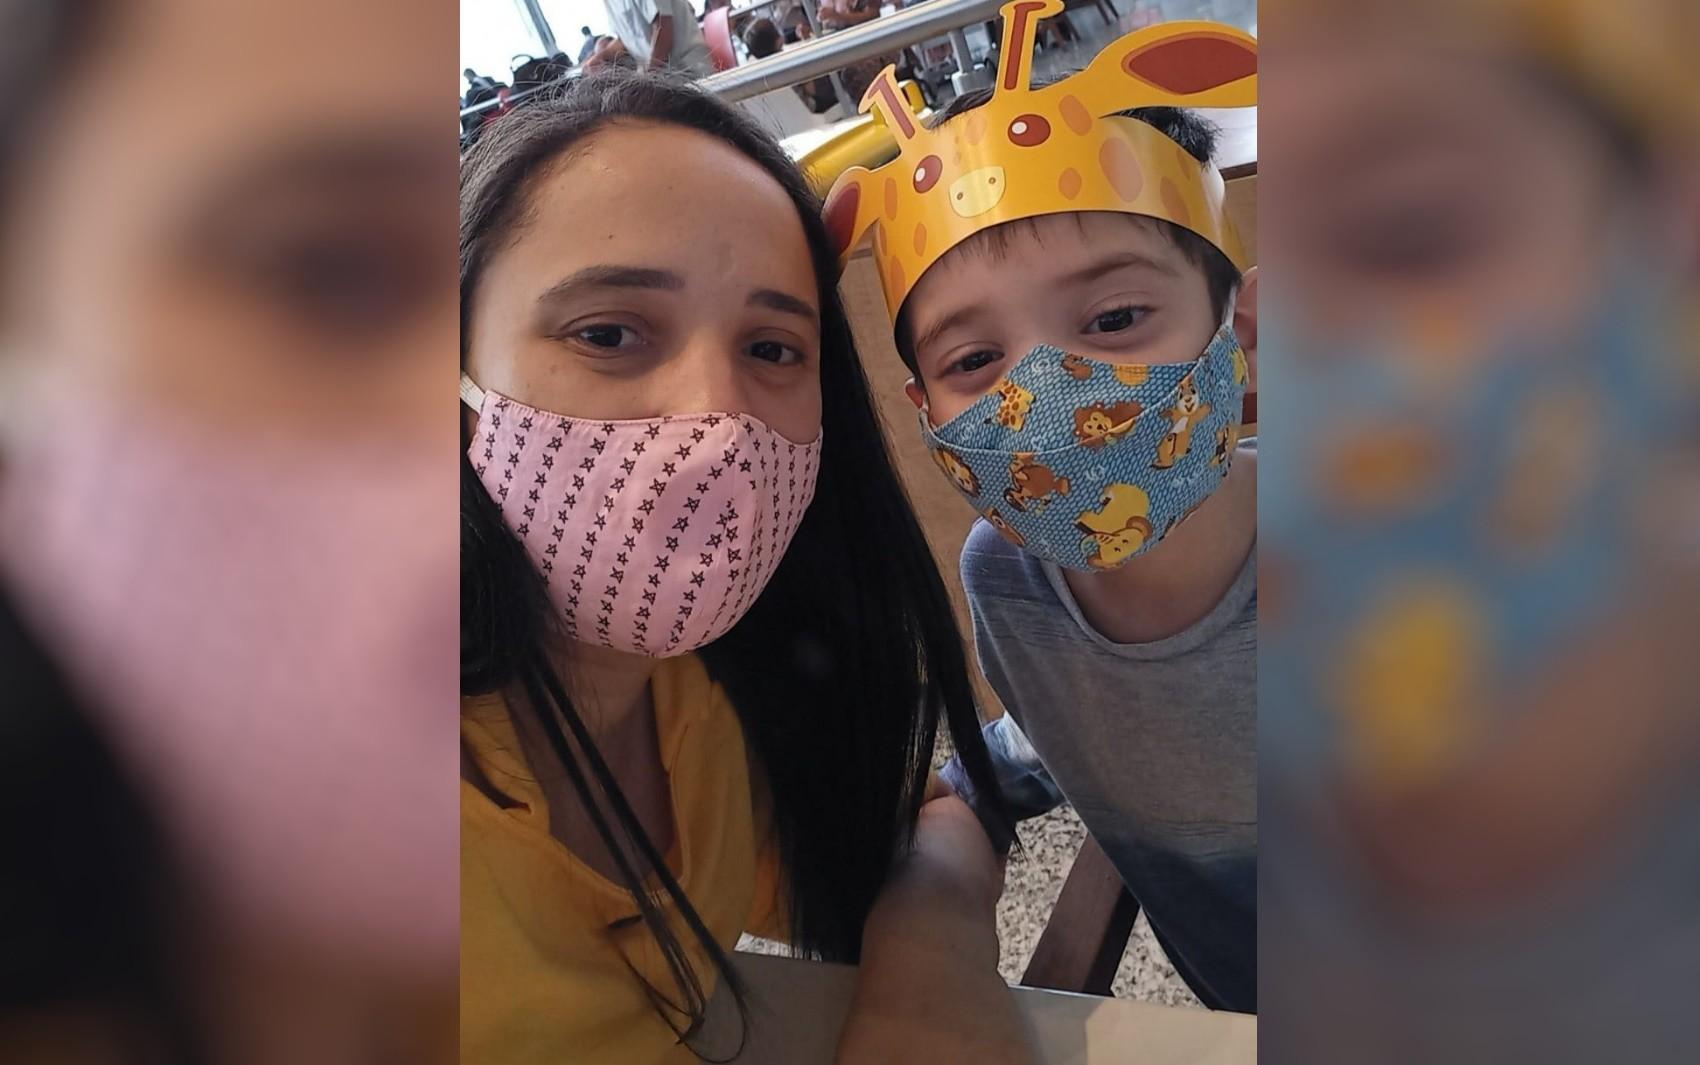 Mãe comemora transplante de rim do filho, mas precisa de ajuda para seguir com tratamento, em Anápolis